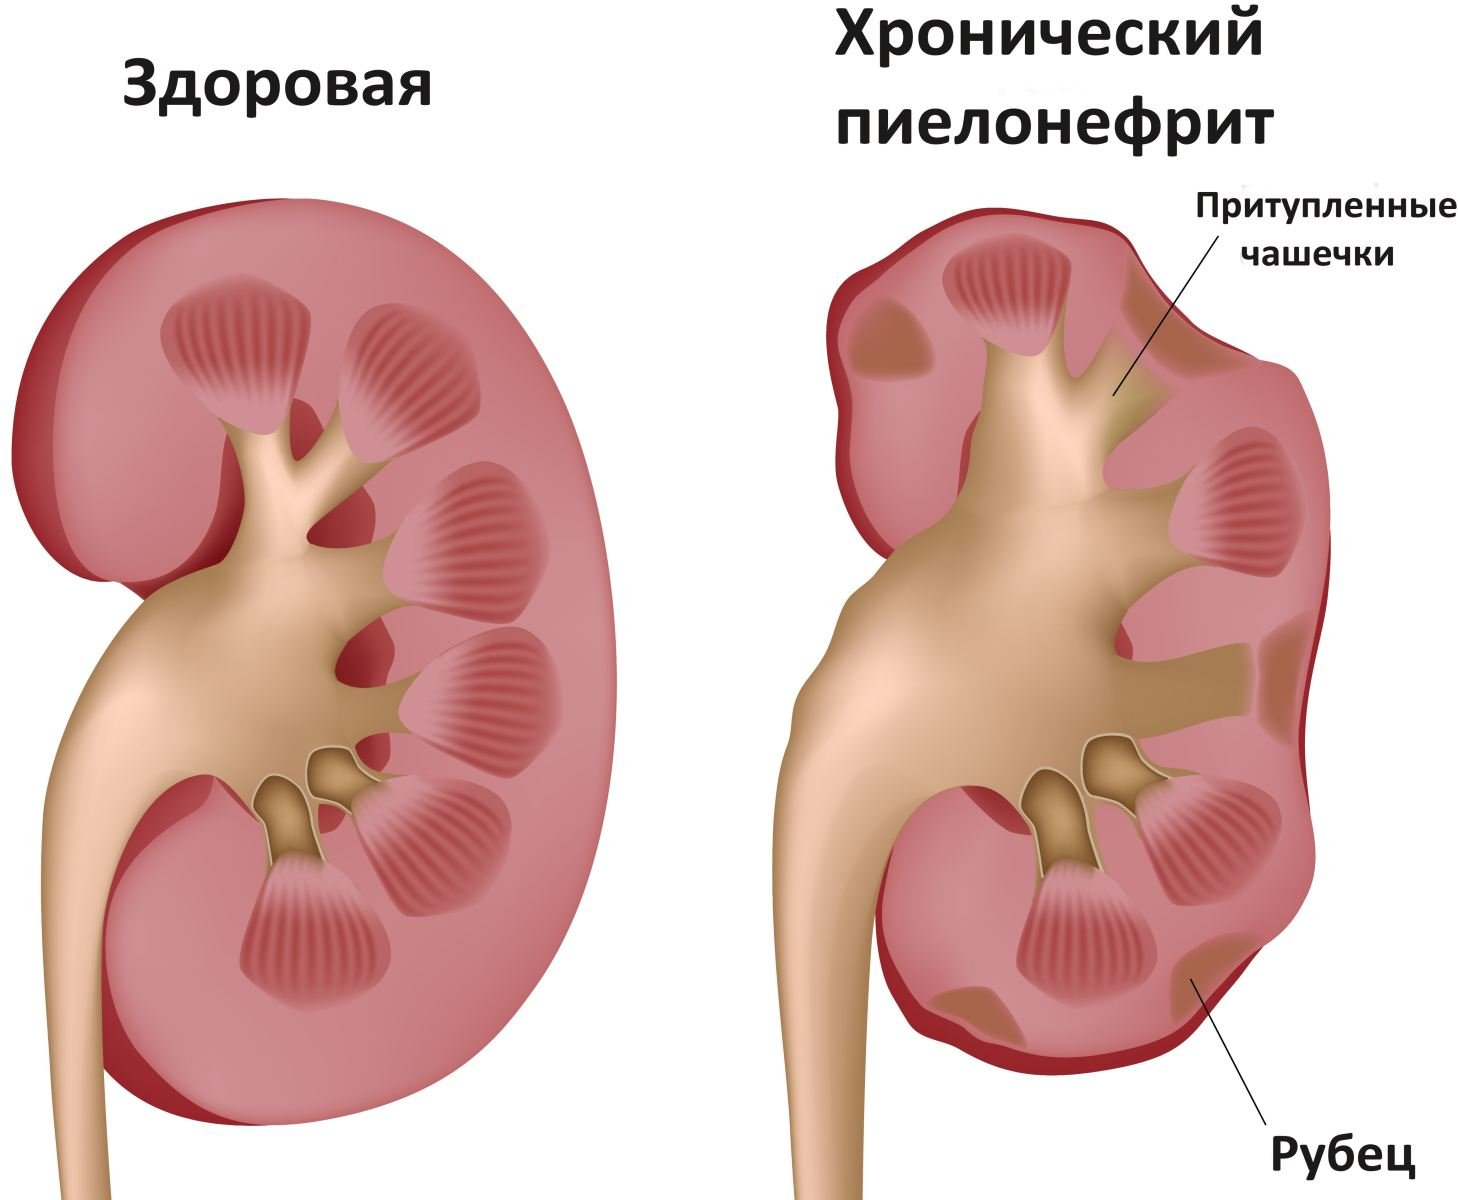 Цистит и пиелонефрит лечение